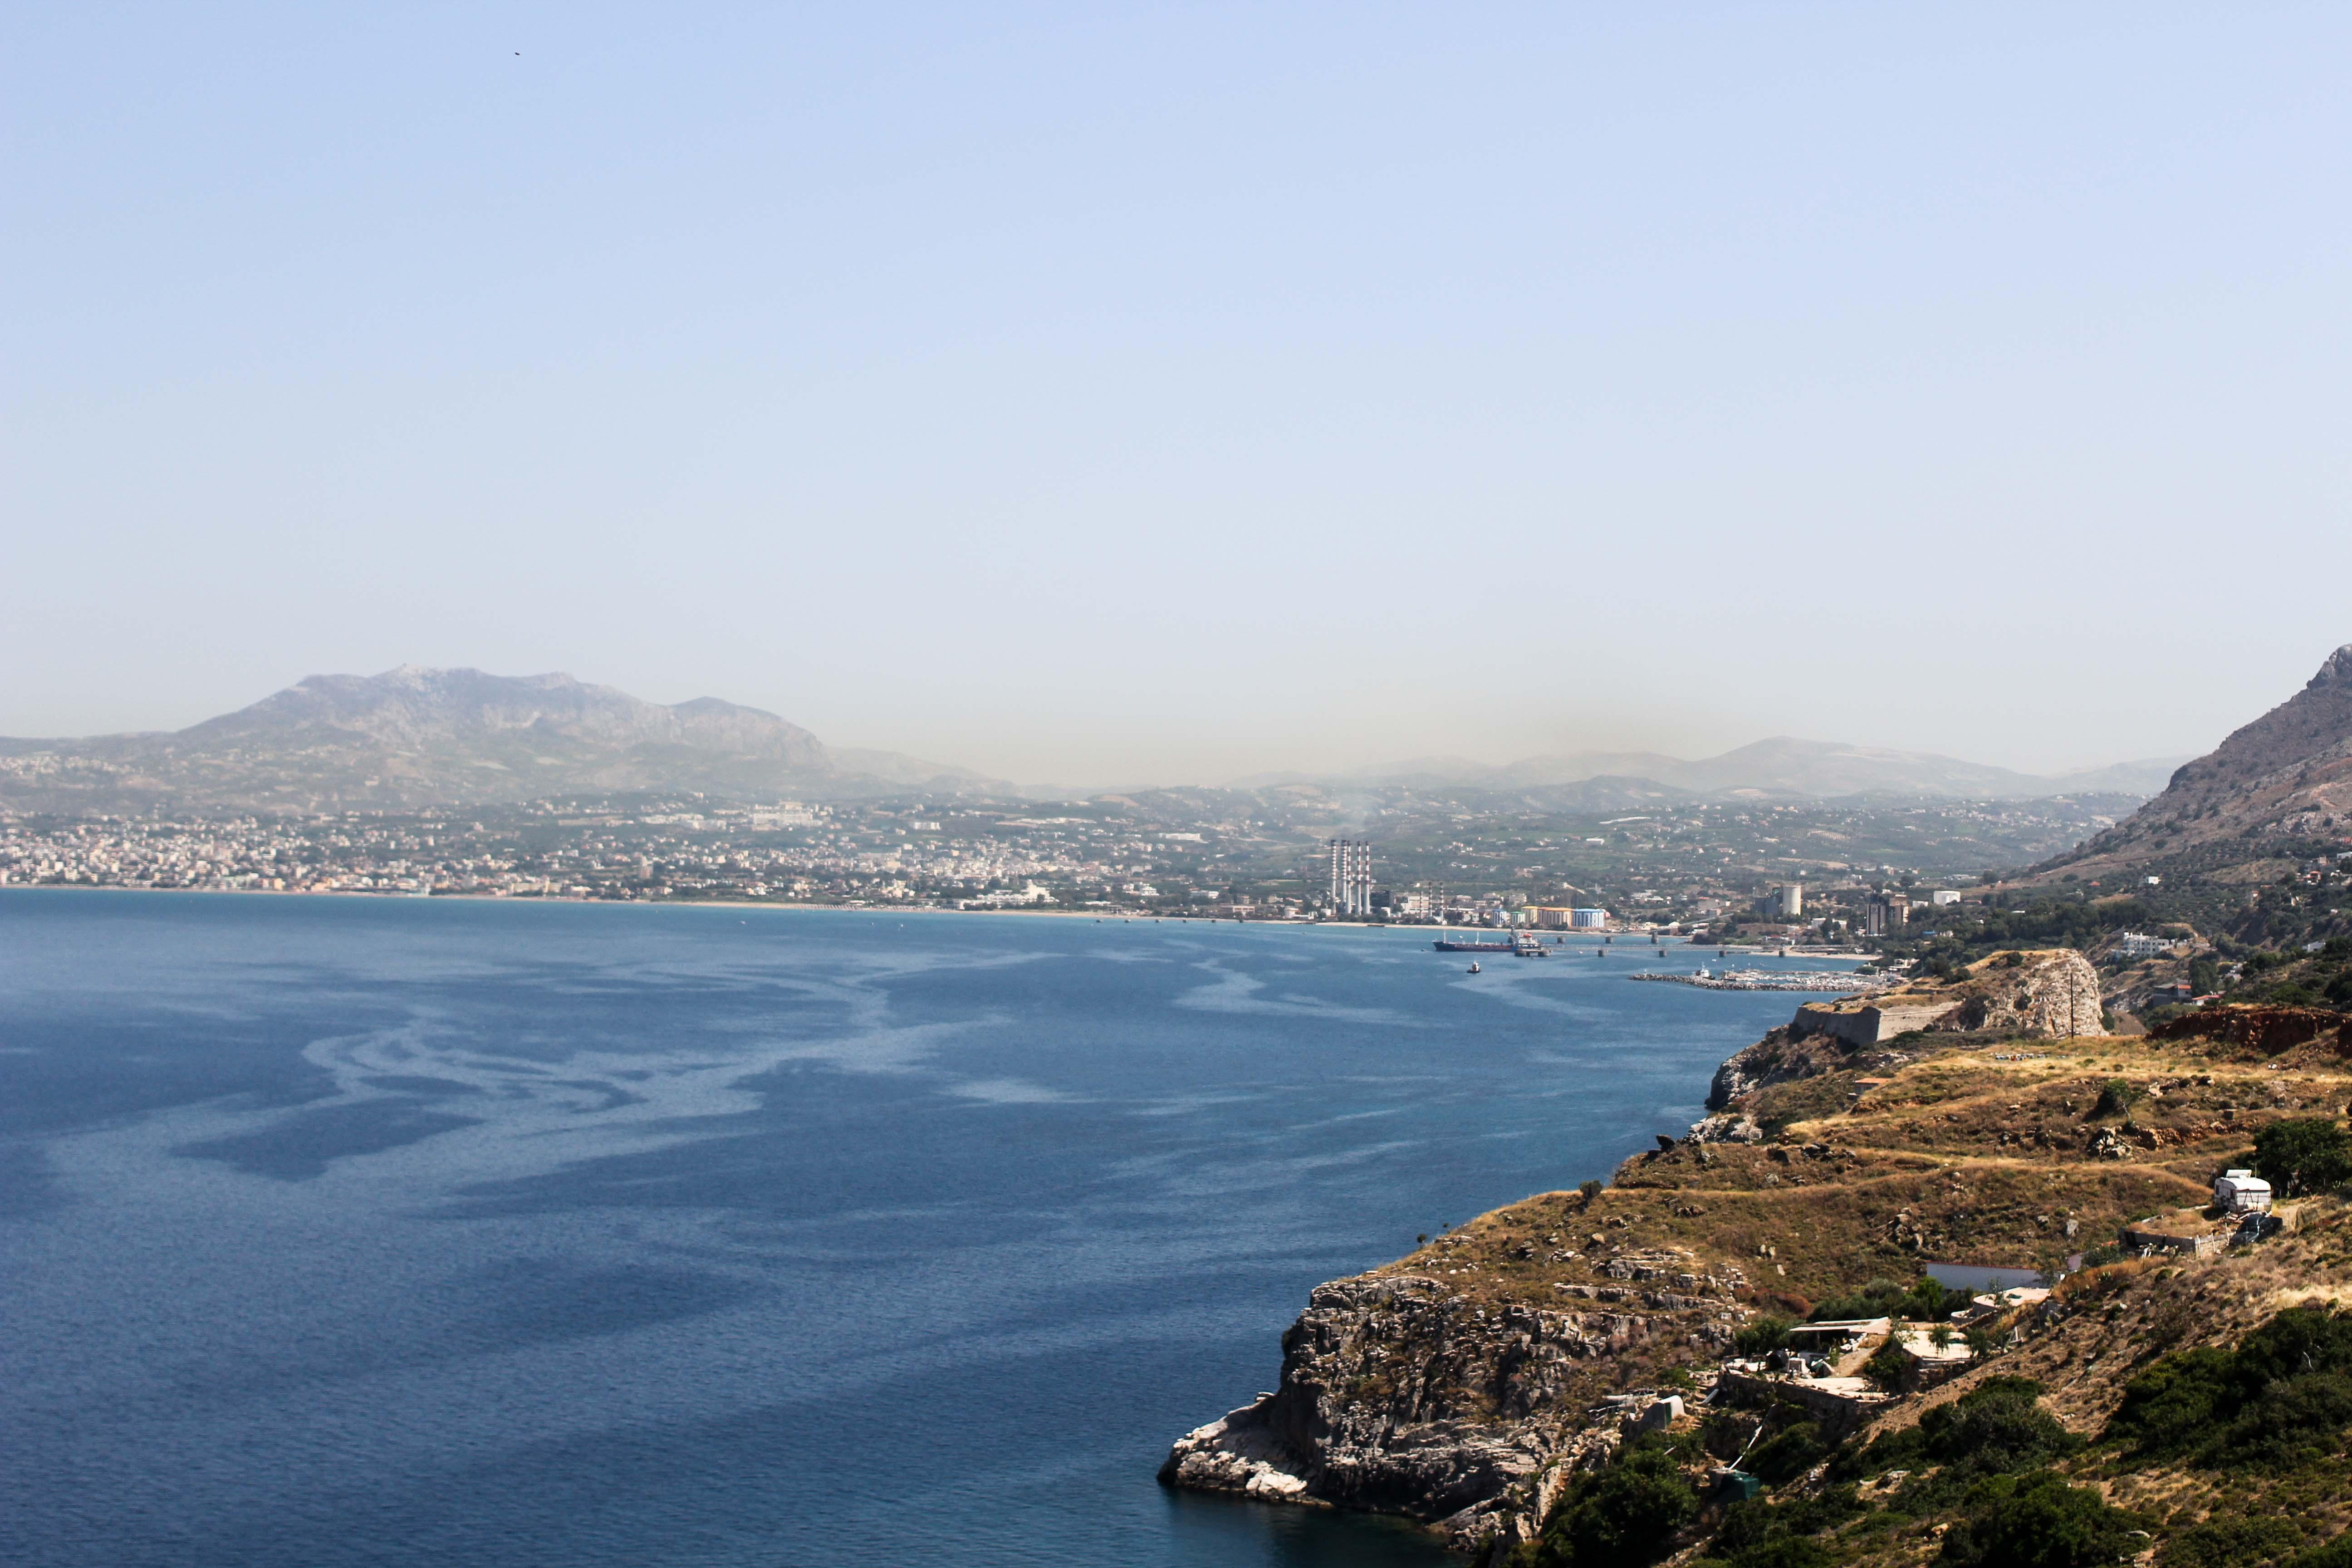 Top Kreta Sightseeing Kreta Sehenswürdigkeiten für einen Tagesausflug Meer Klippe Ausflug Mietwagen Insel